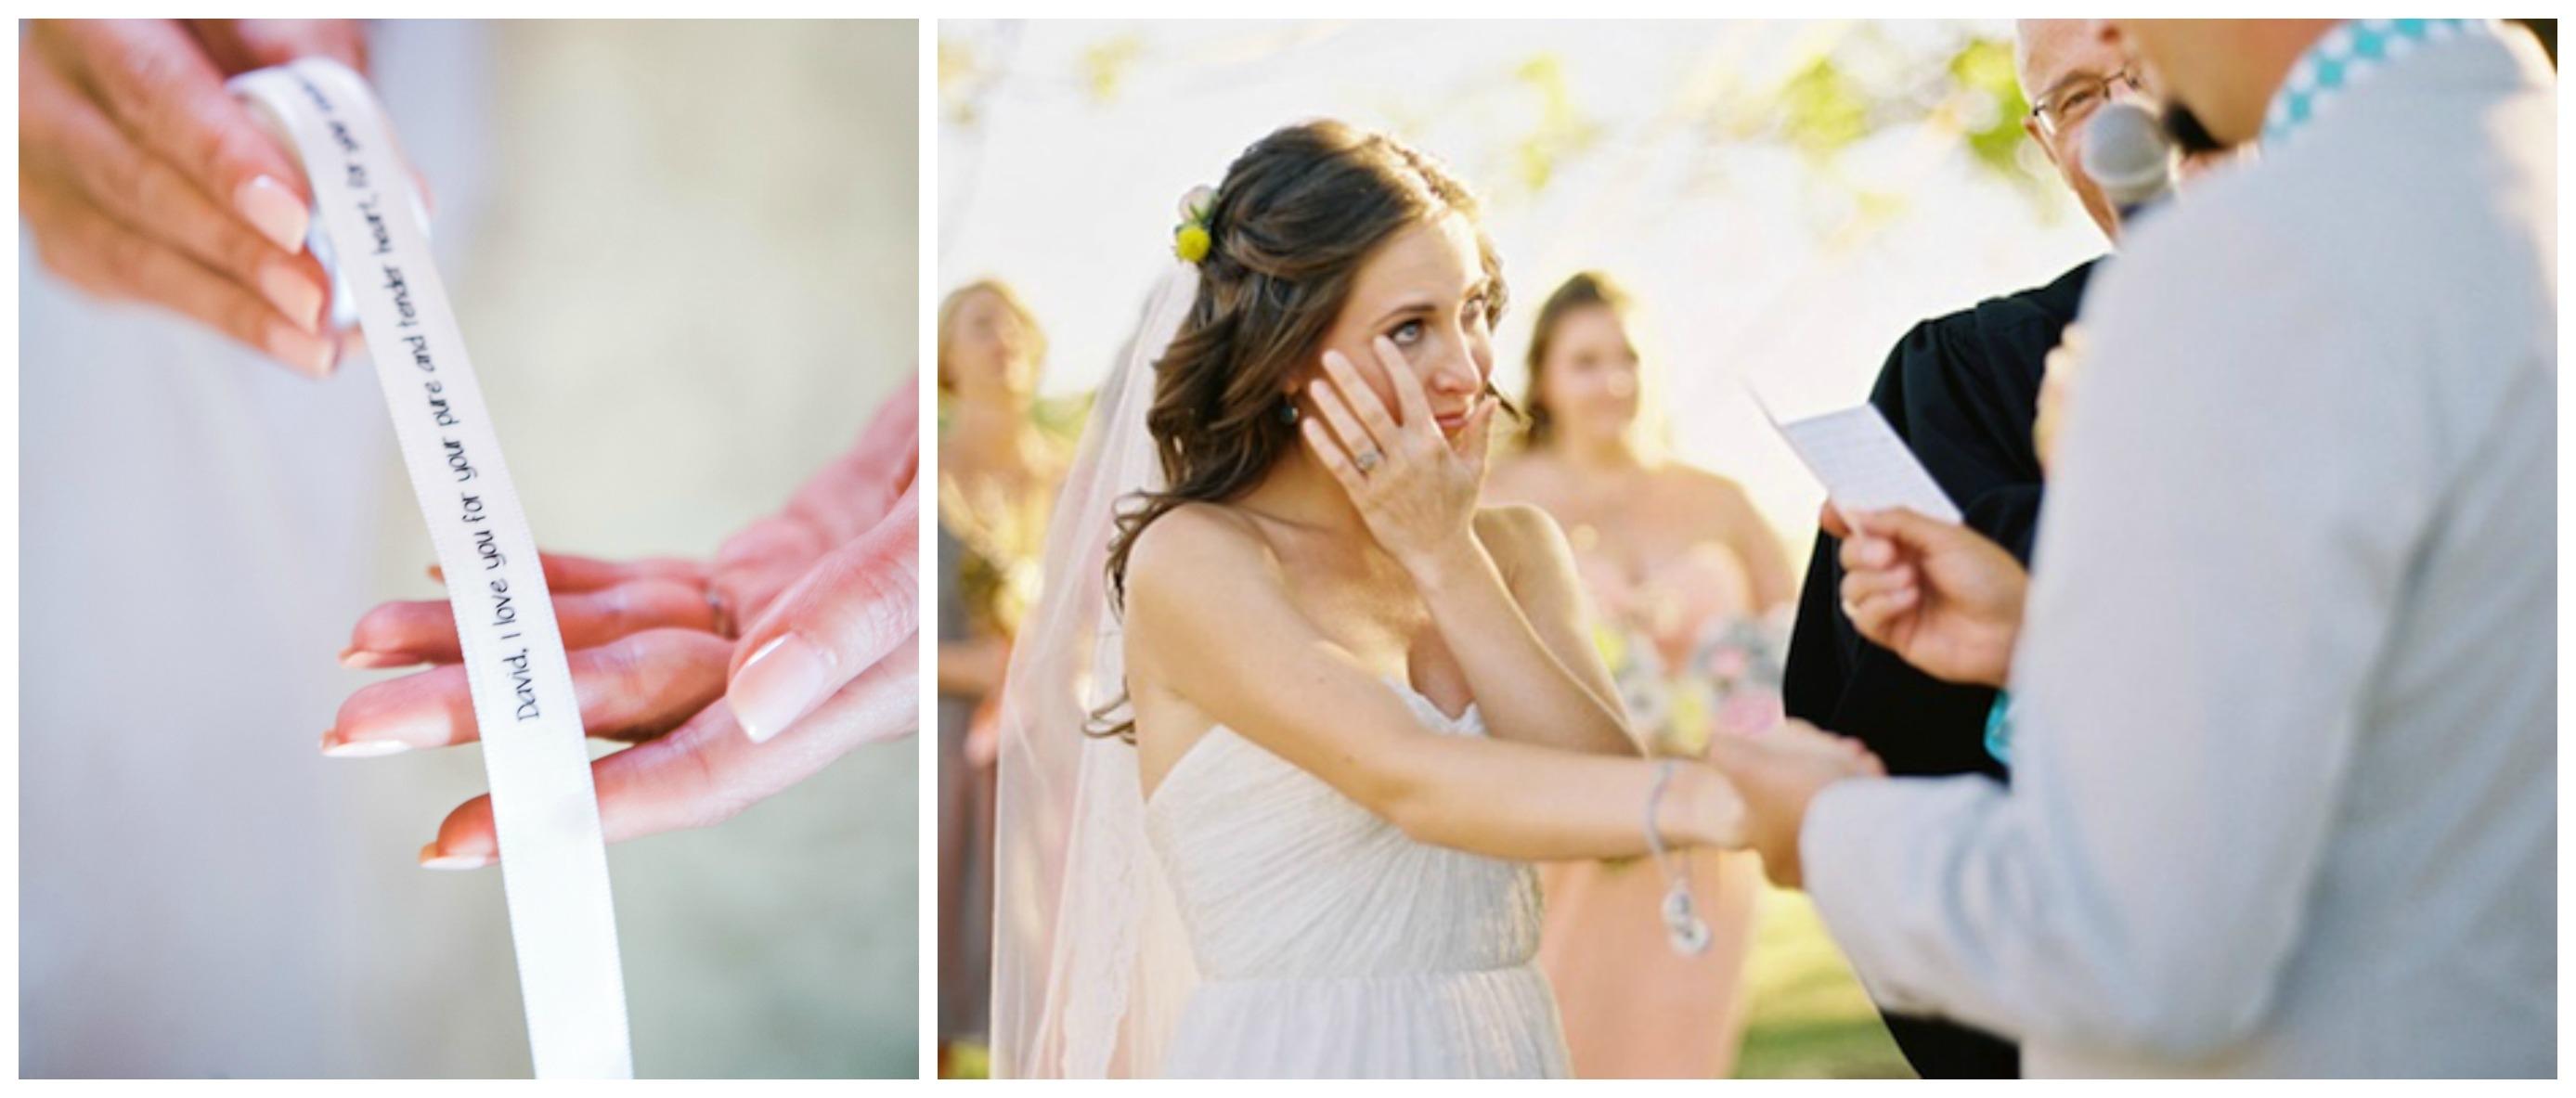 Невеста перед свадьбой развлекается